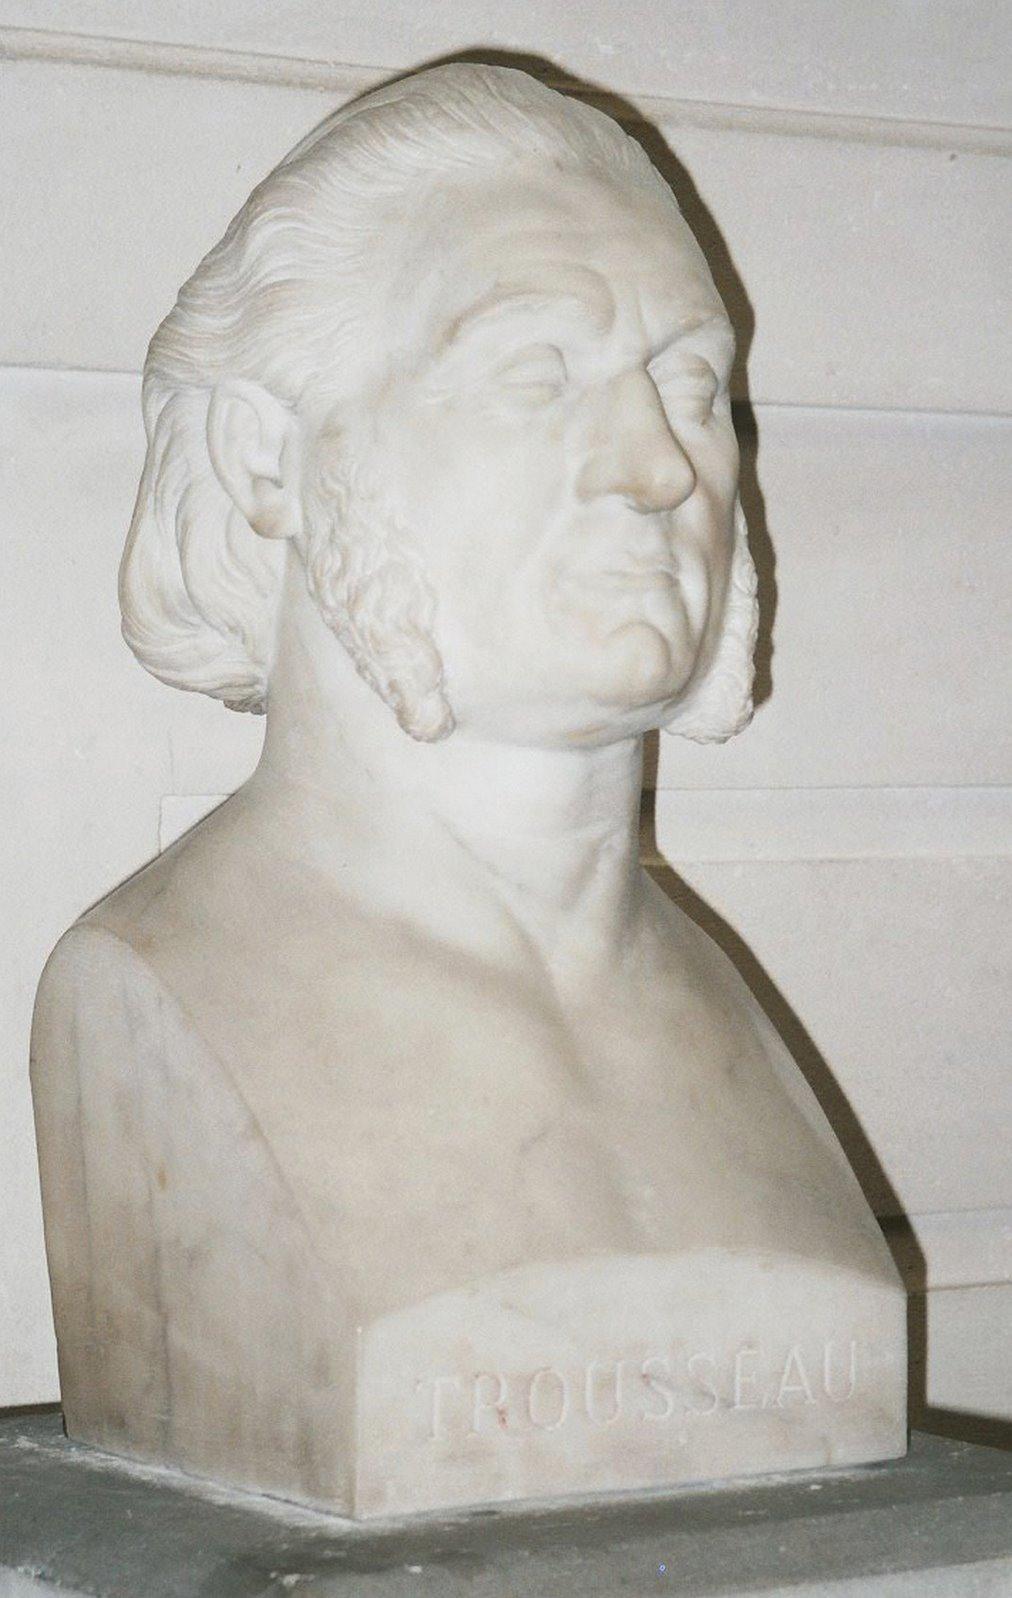 buste de trousseau armand en marbre